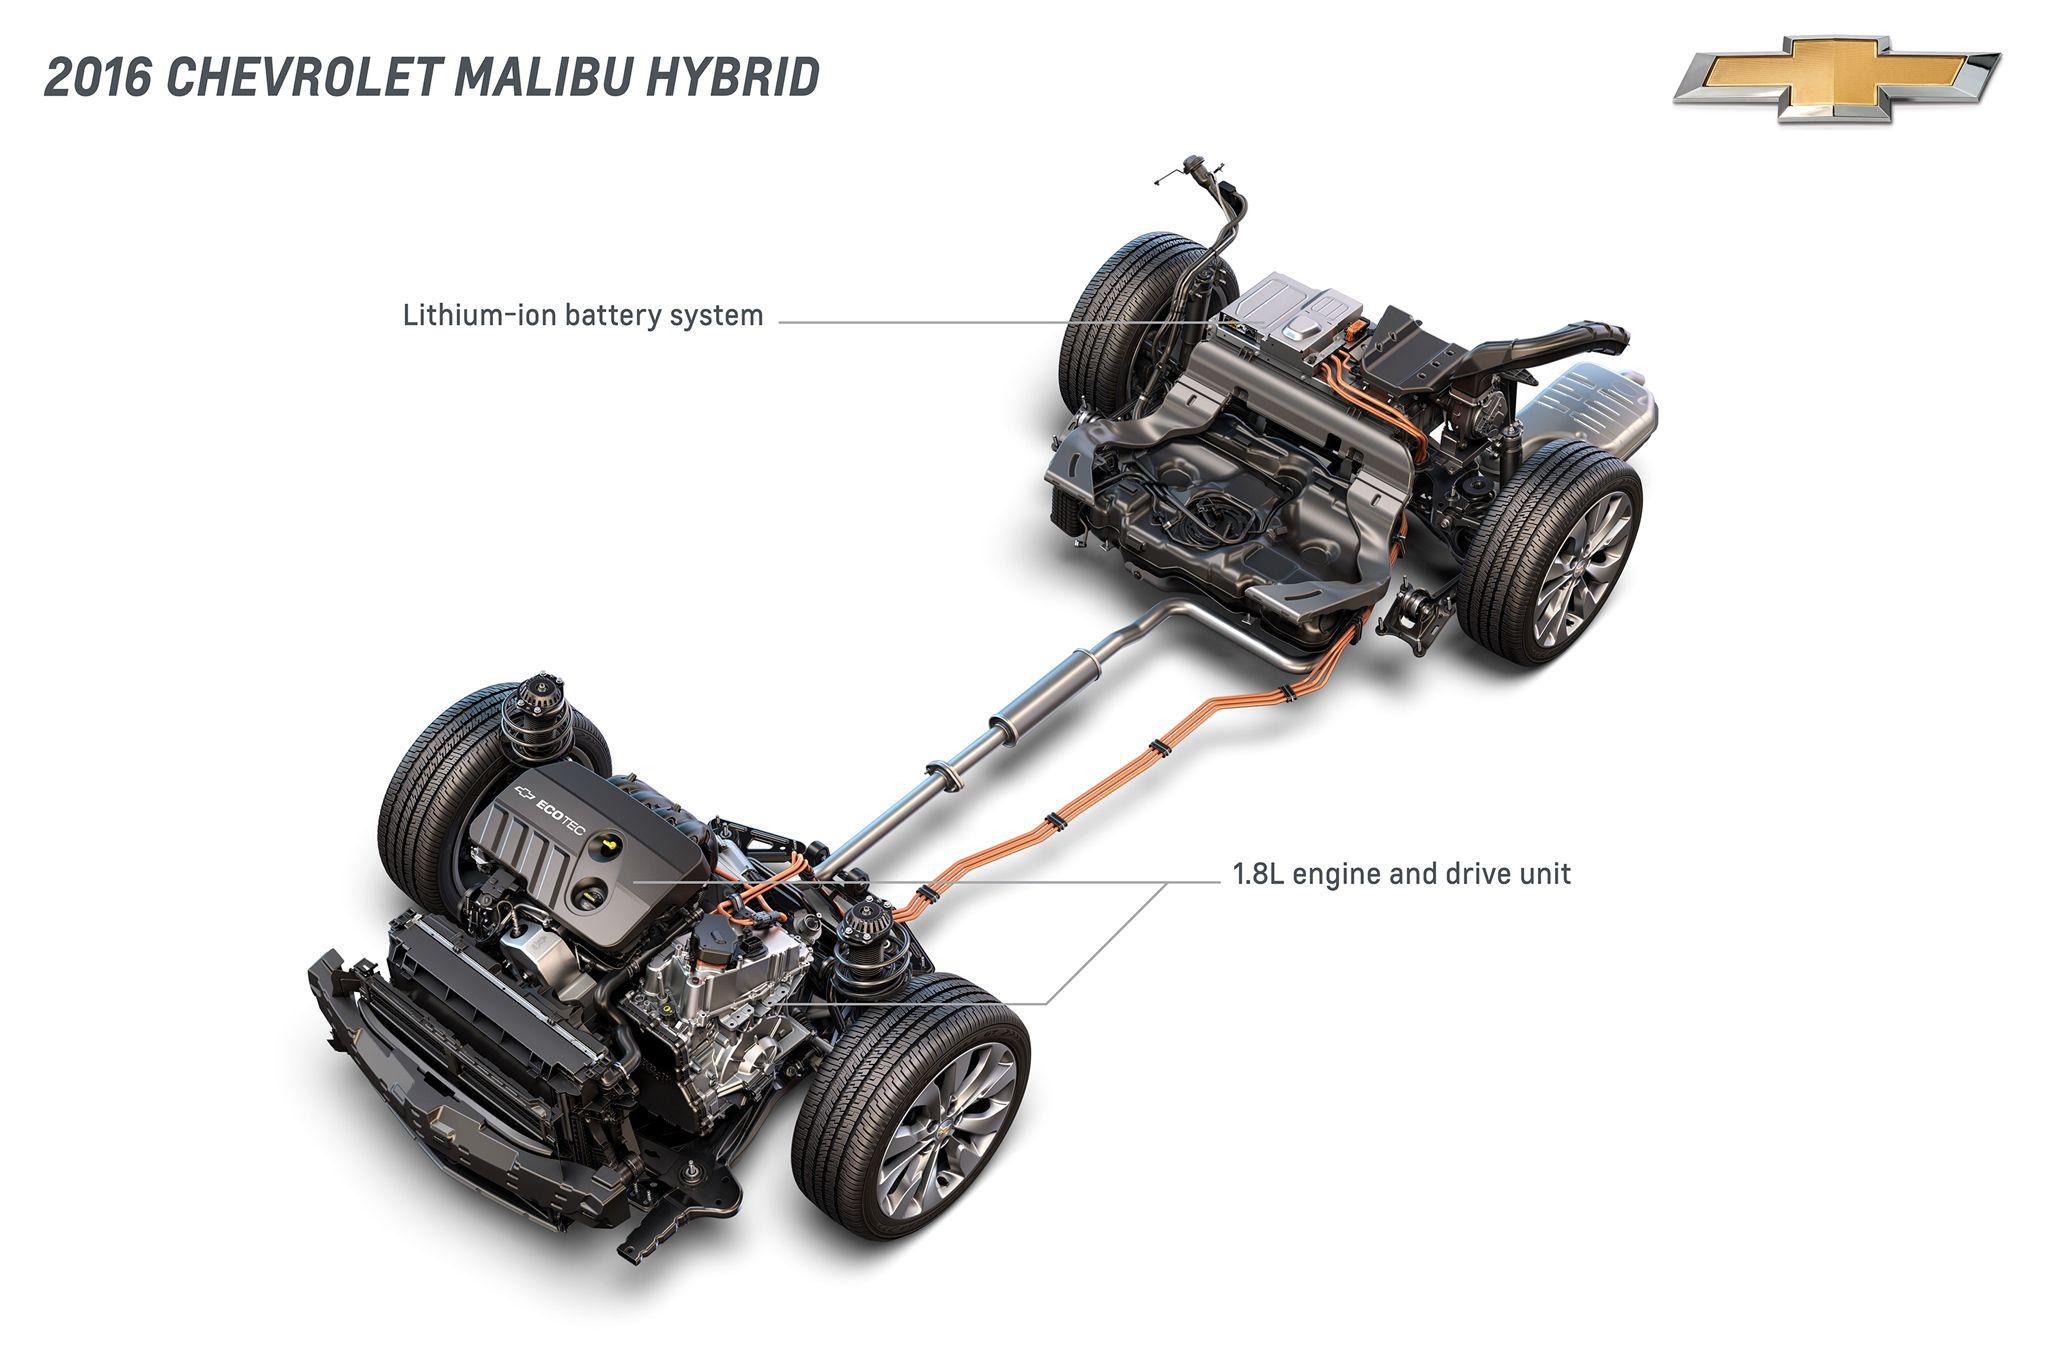 2016 Chevrolet Malibu Hybrid Comes To New York Estimated At 45 Mpg Chevrolet Malibu Malibu Hybrid Chevy Malibu Hybrid